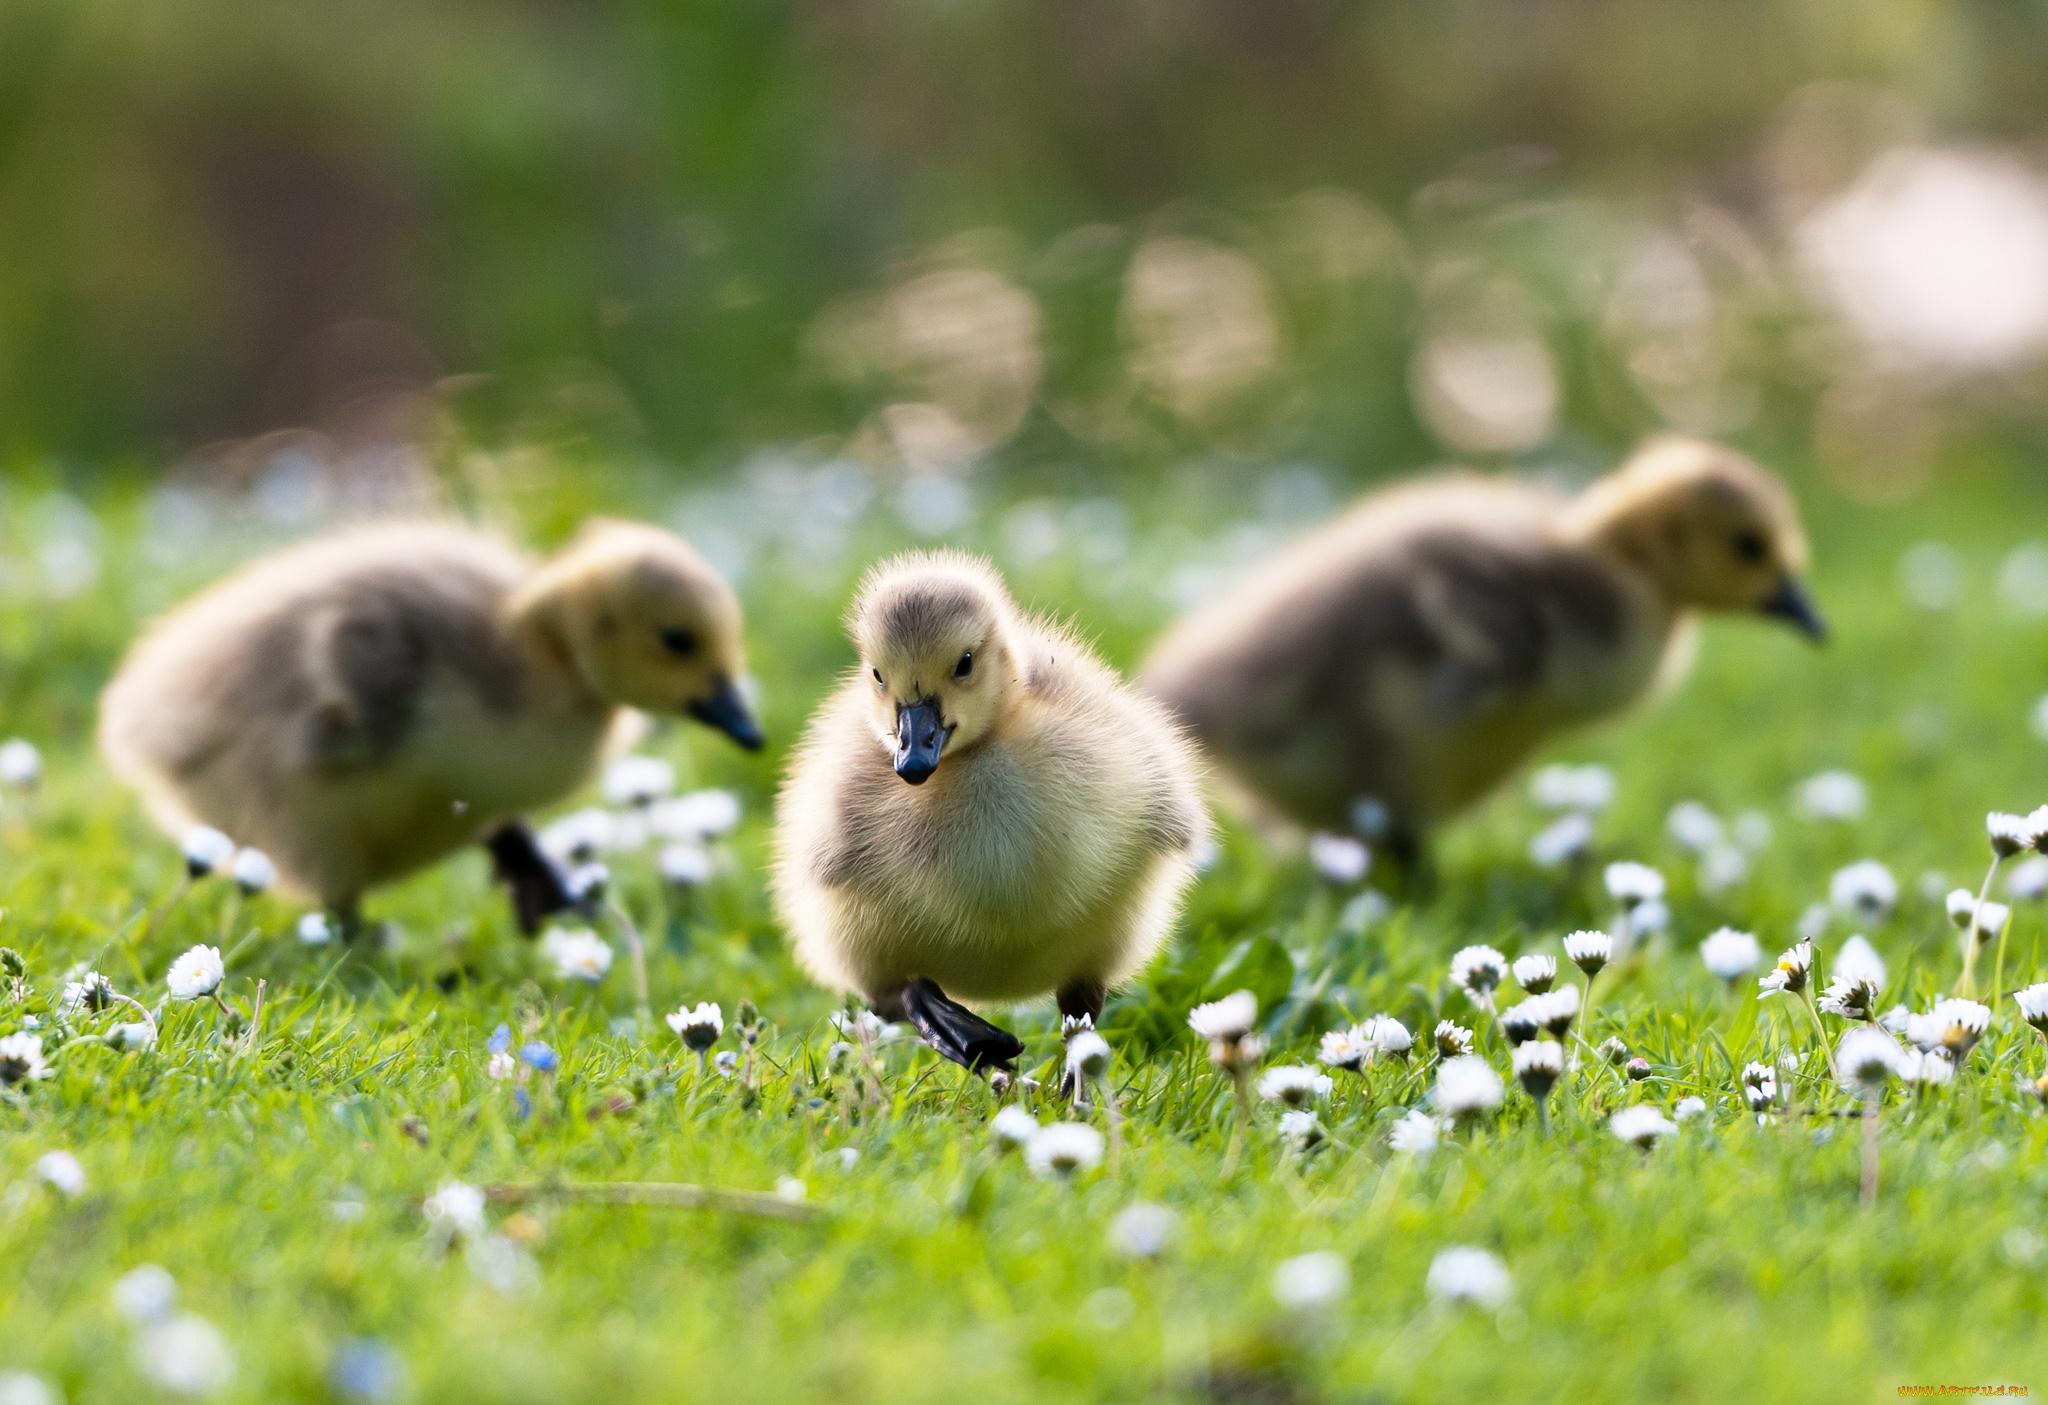 природа животные трава утята бесплатно